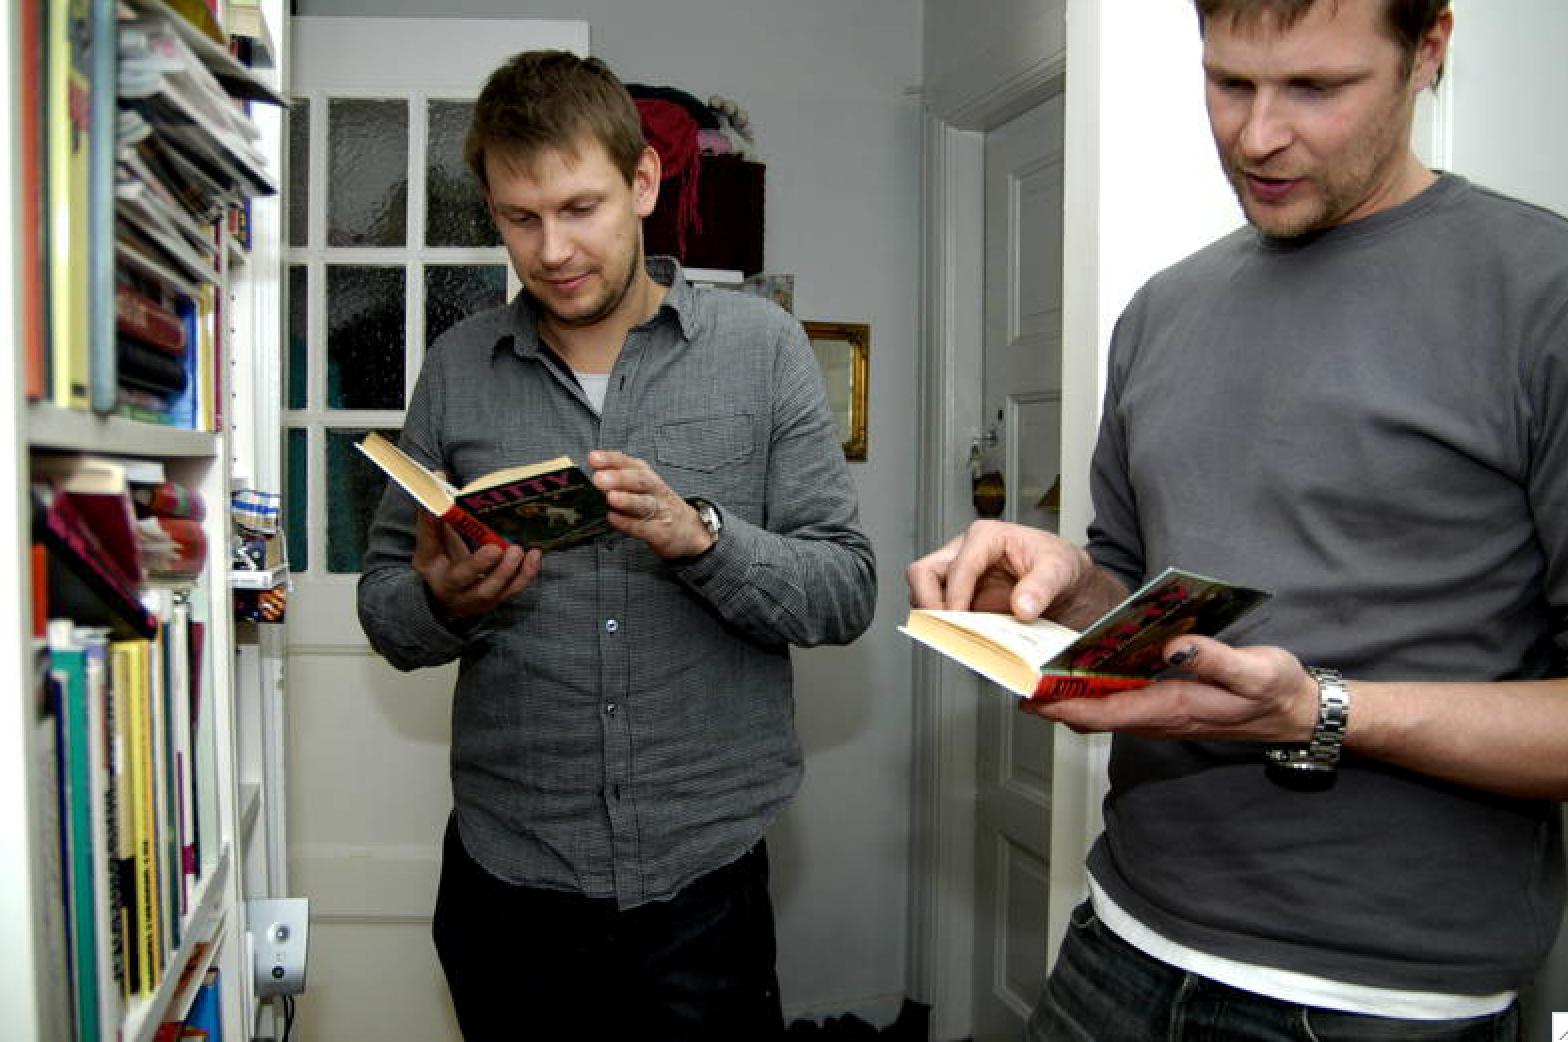 """Året var 2007. """"Roomservice""""-killarna Johnnie och Mattias var hemma hos mig för att ge stylingtips. Här """"hånar"""" de mig för mina Kitty-böcker i bokhyllan."""